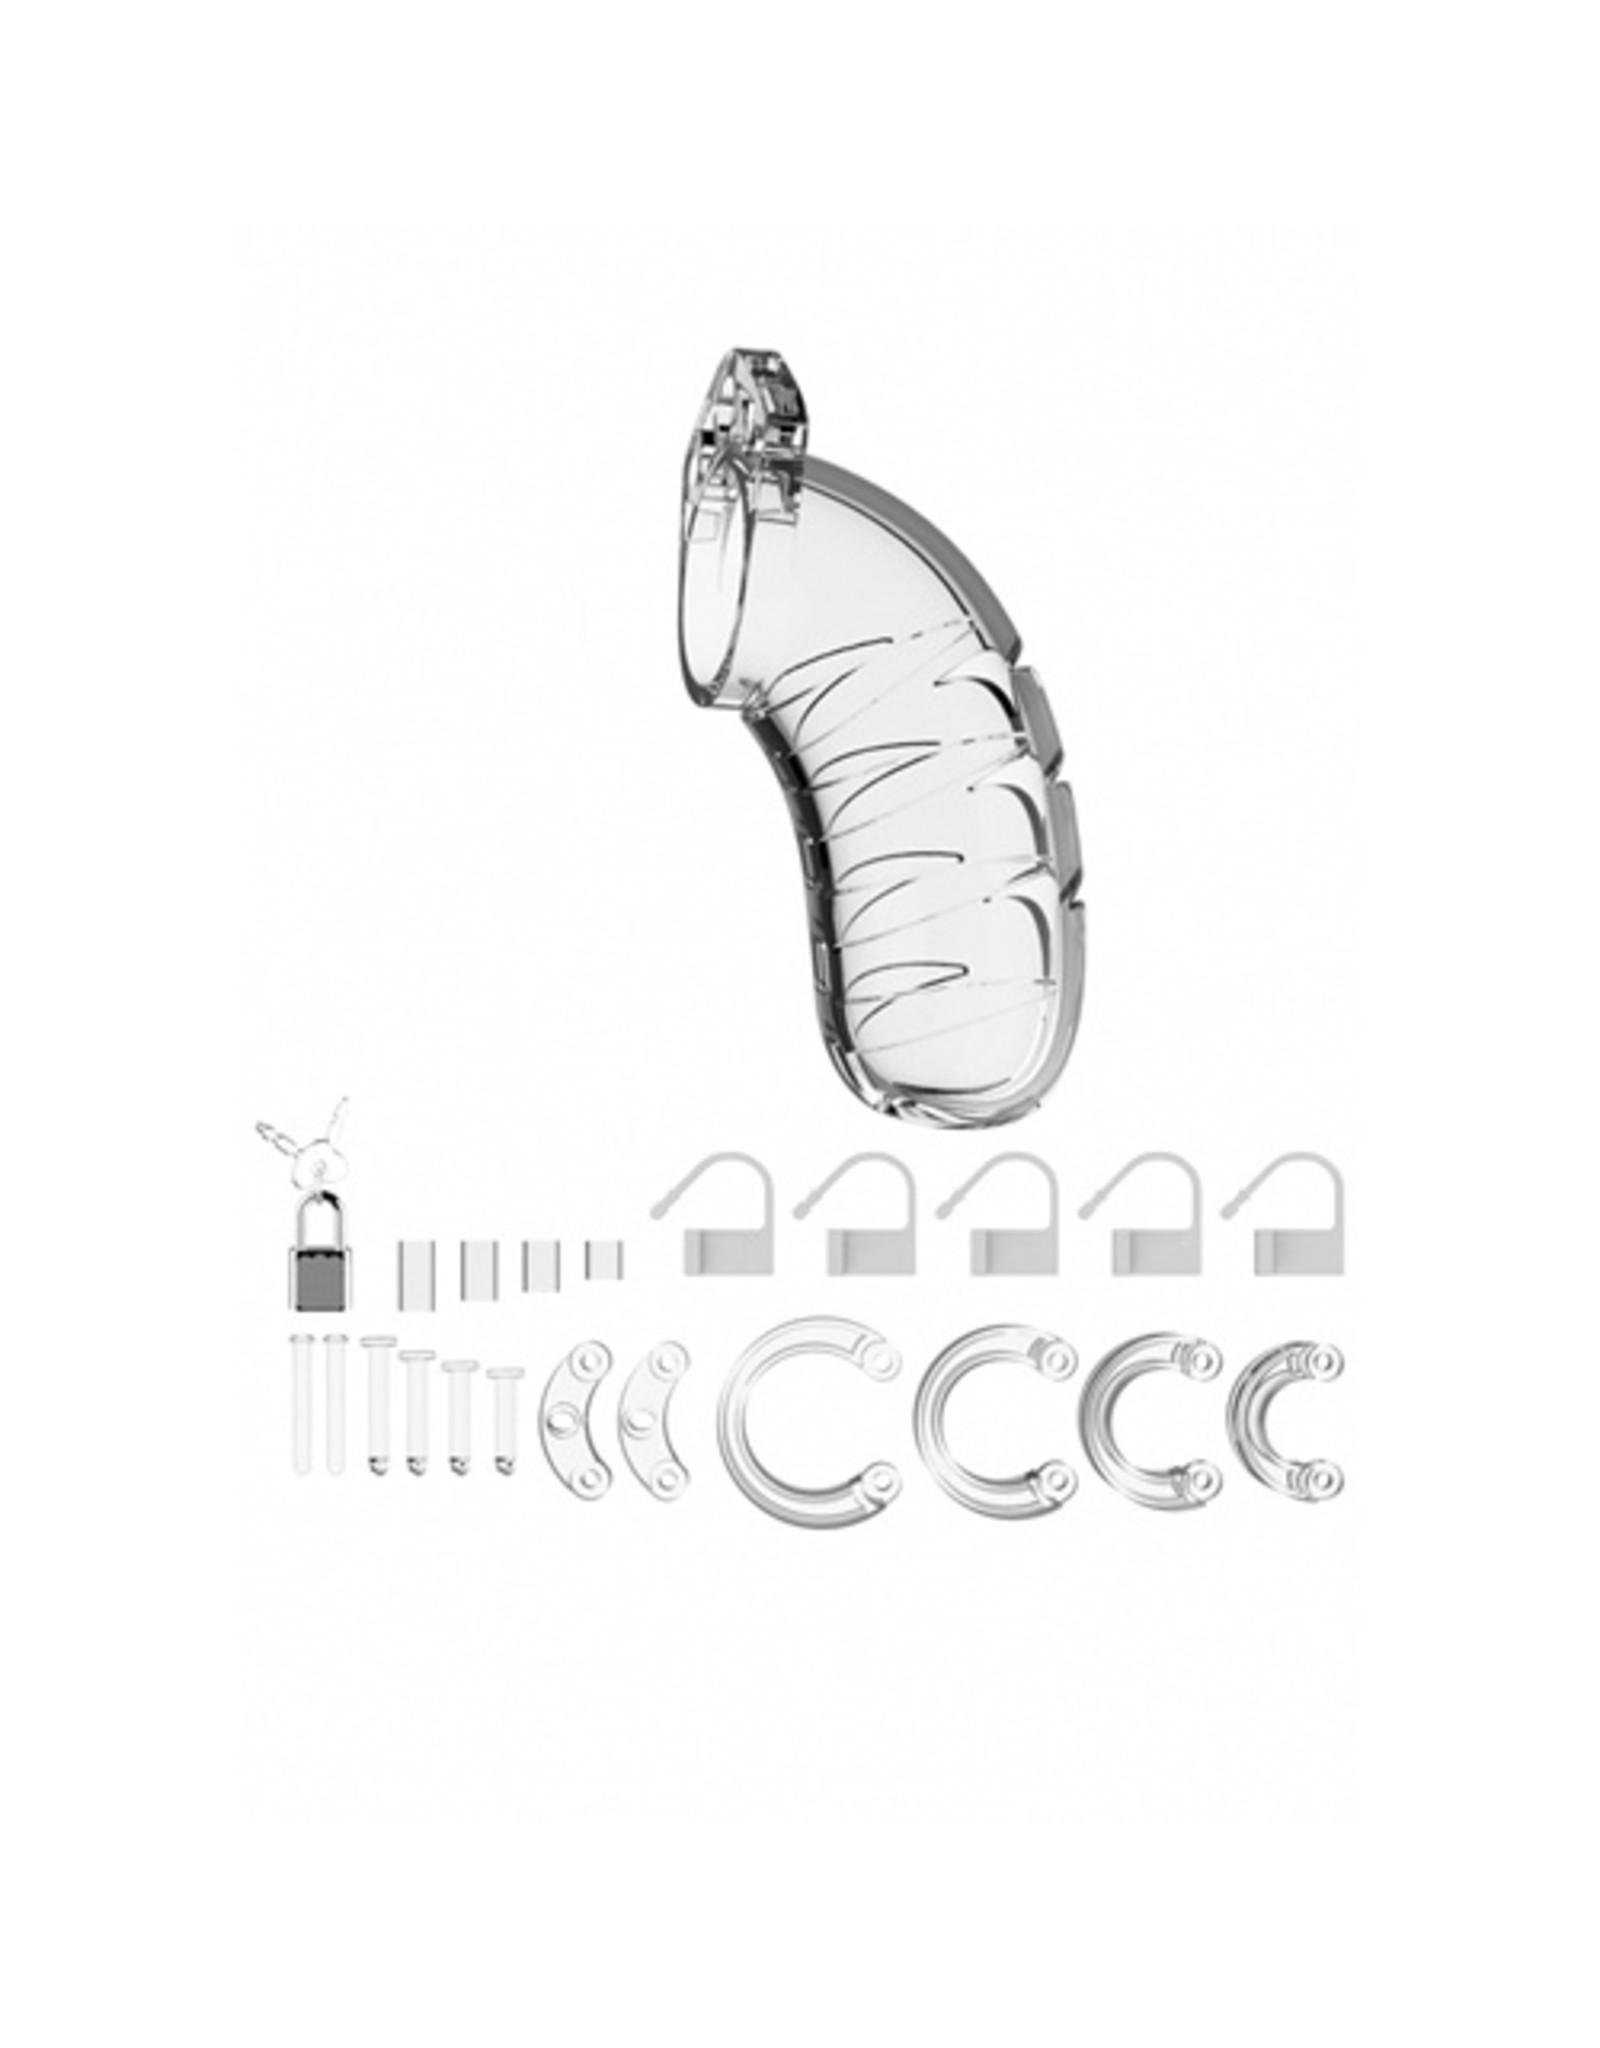 ManCage ManCage 04 Kuisheidskooi - Transparant